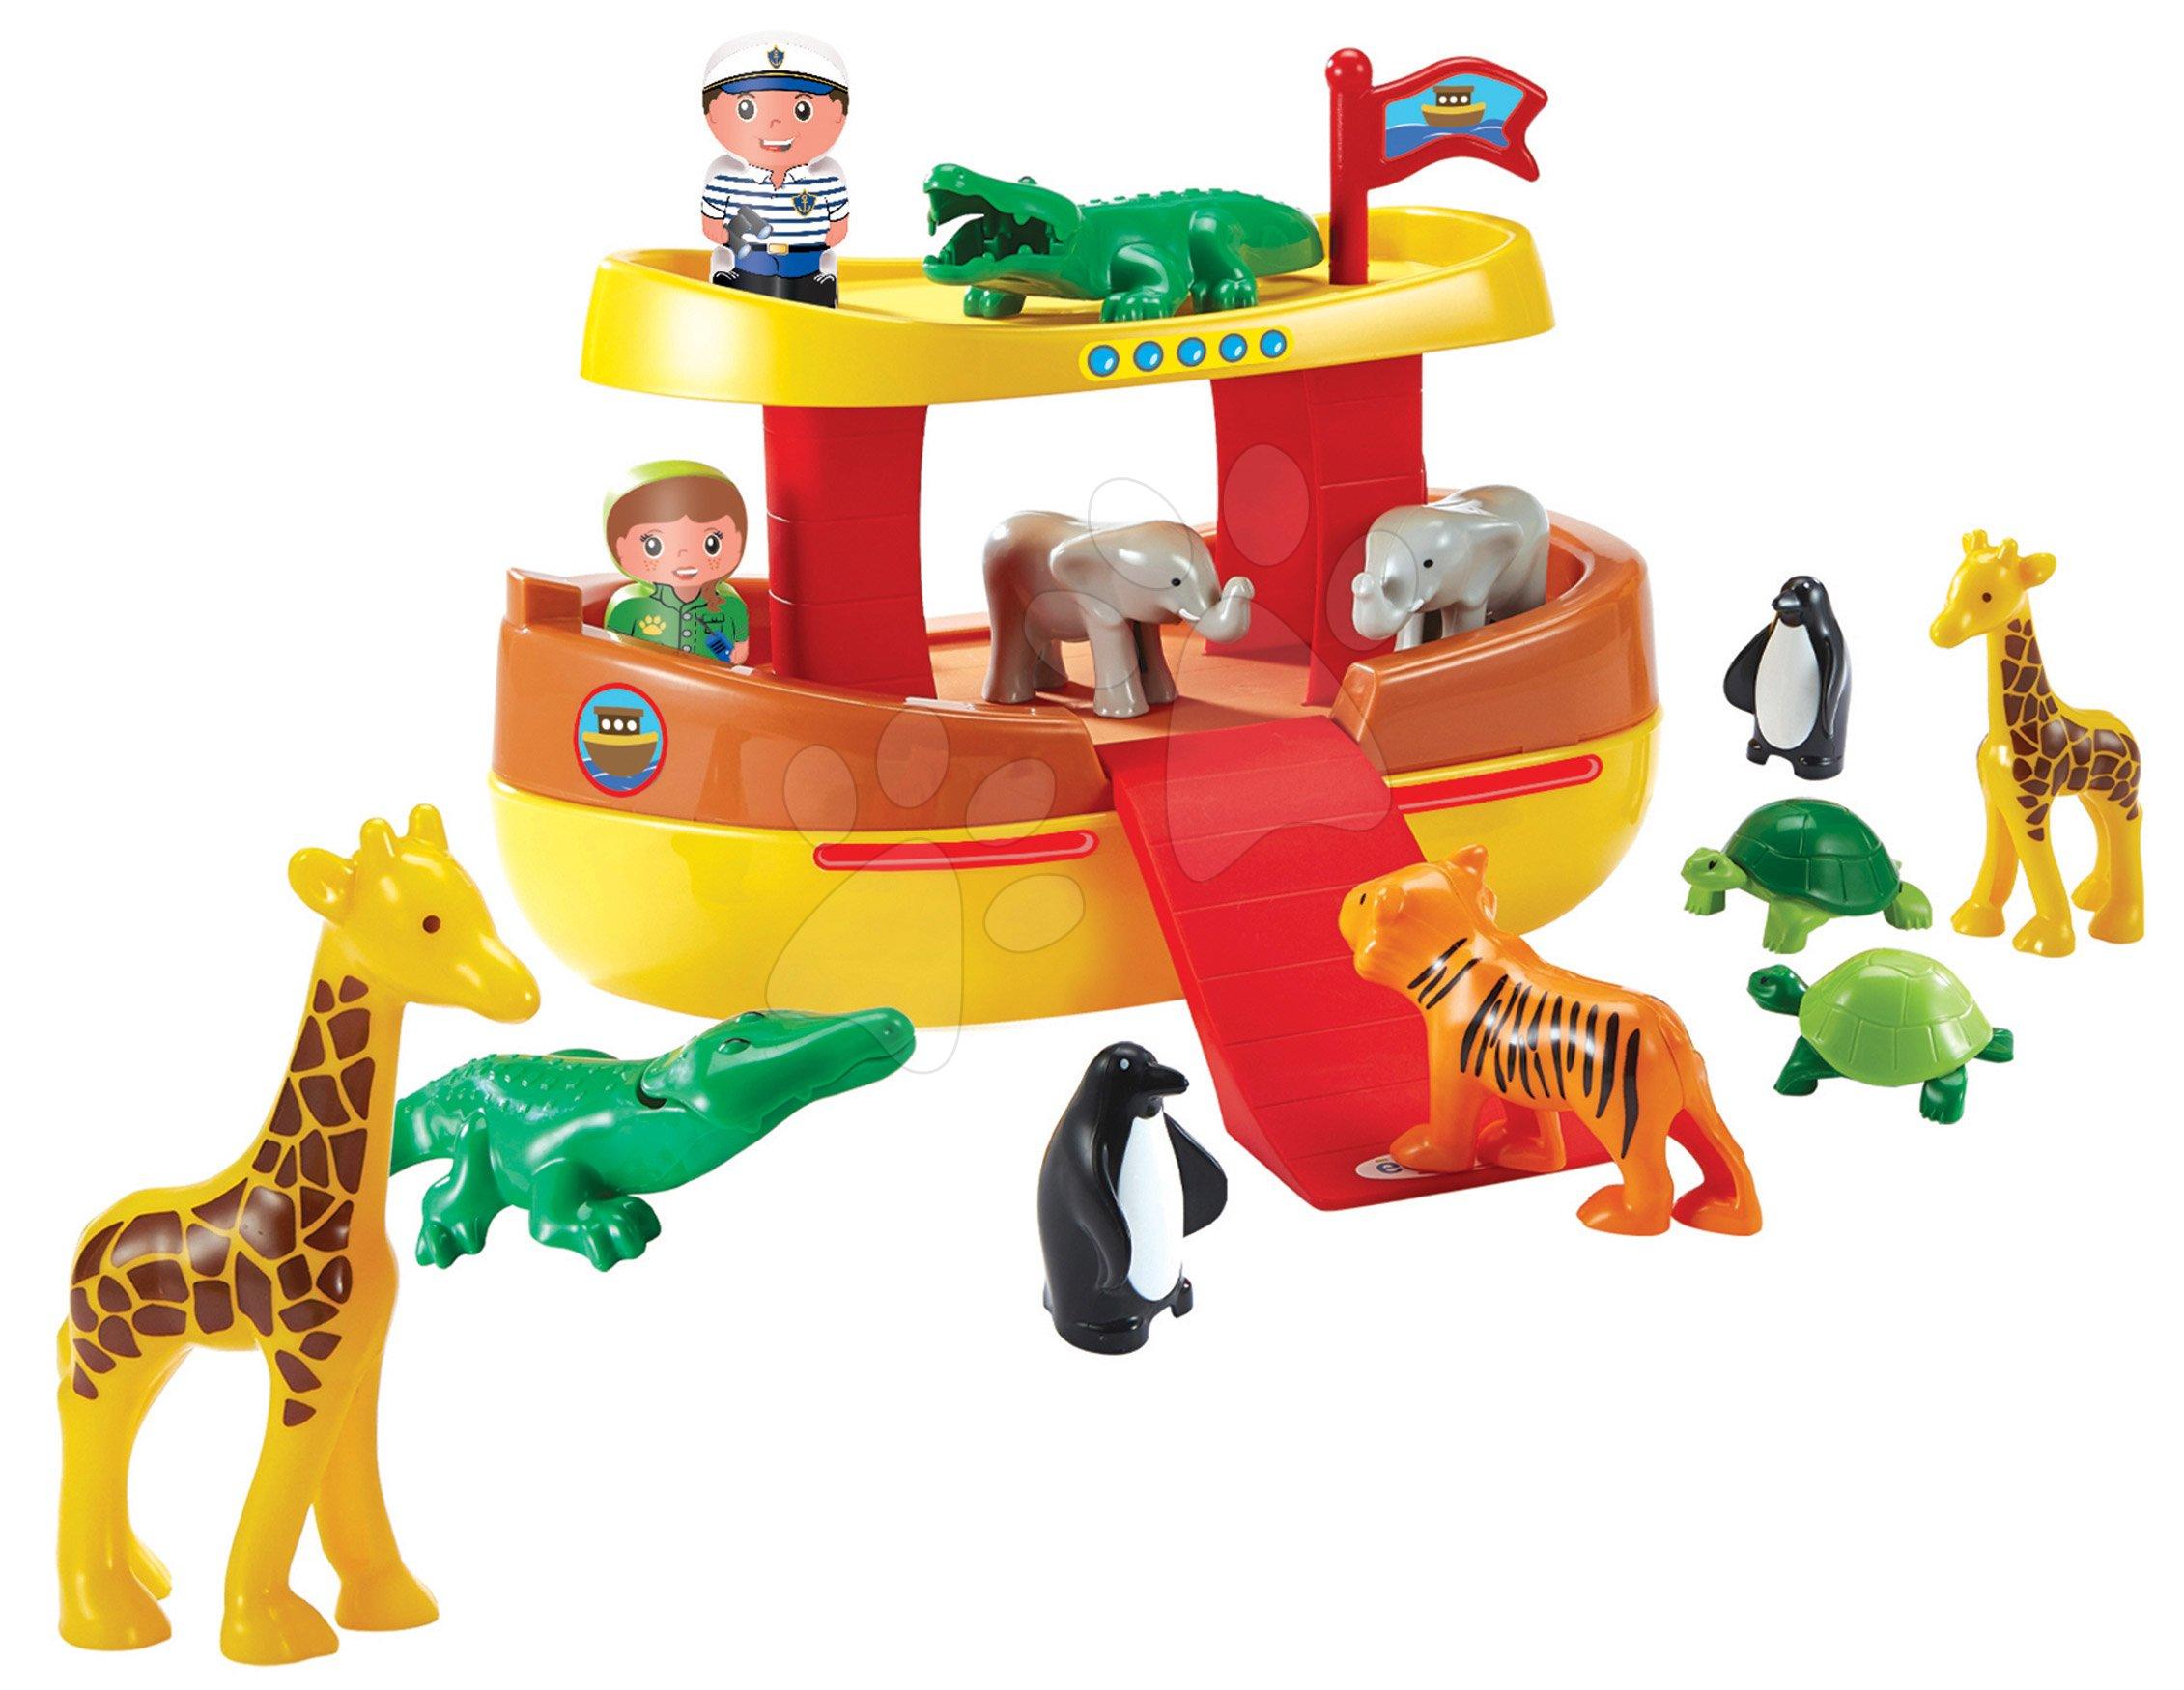 Stavebnice Abrick Noemova Archa Écoiffier s 12 zvířátky a 2 postavičkami od 18 měsíců